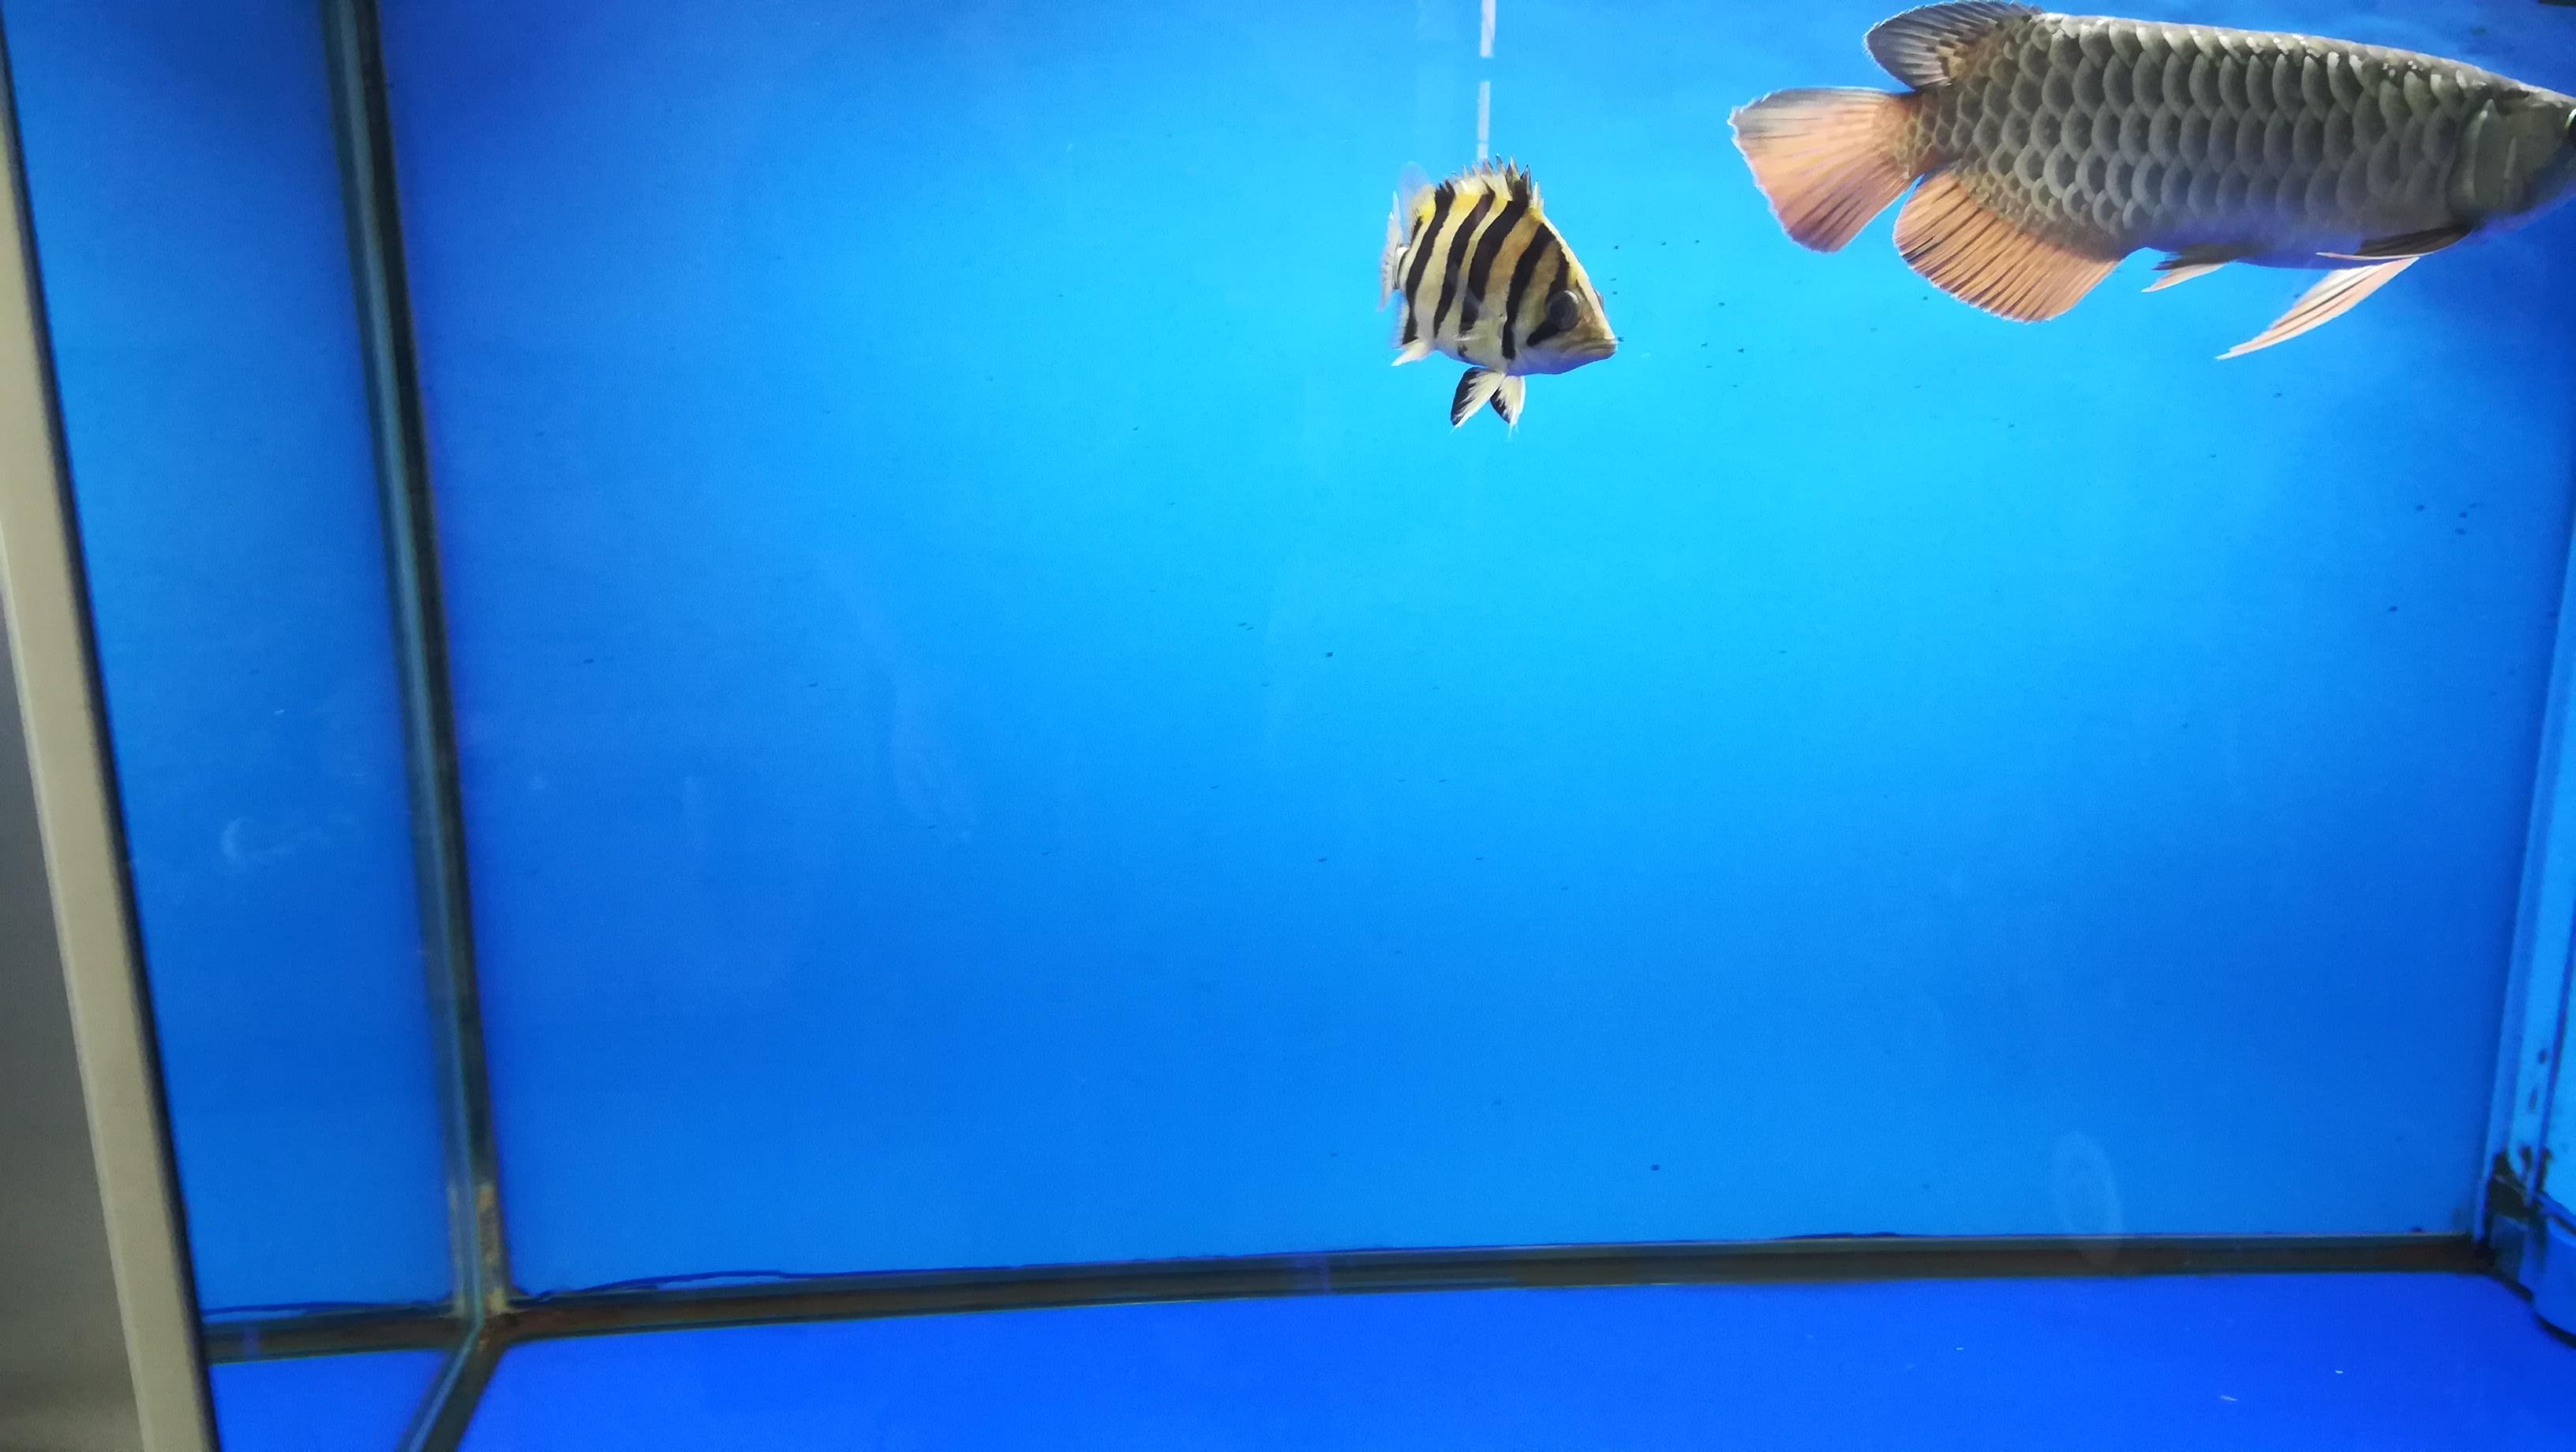 龙鱼的新伙伴小黑虎 湖州水族批发市场 湖州水族批发市场第8张